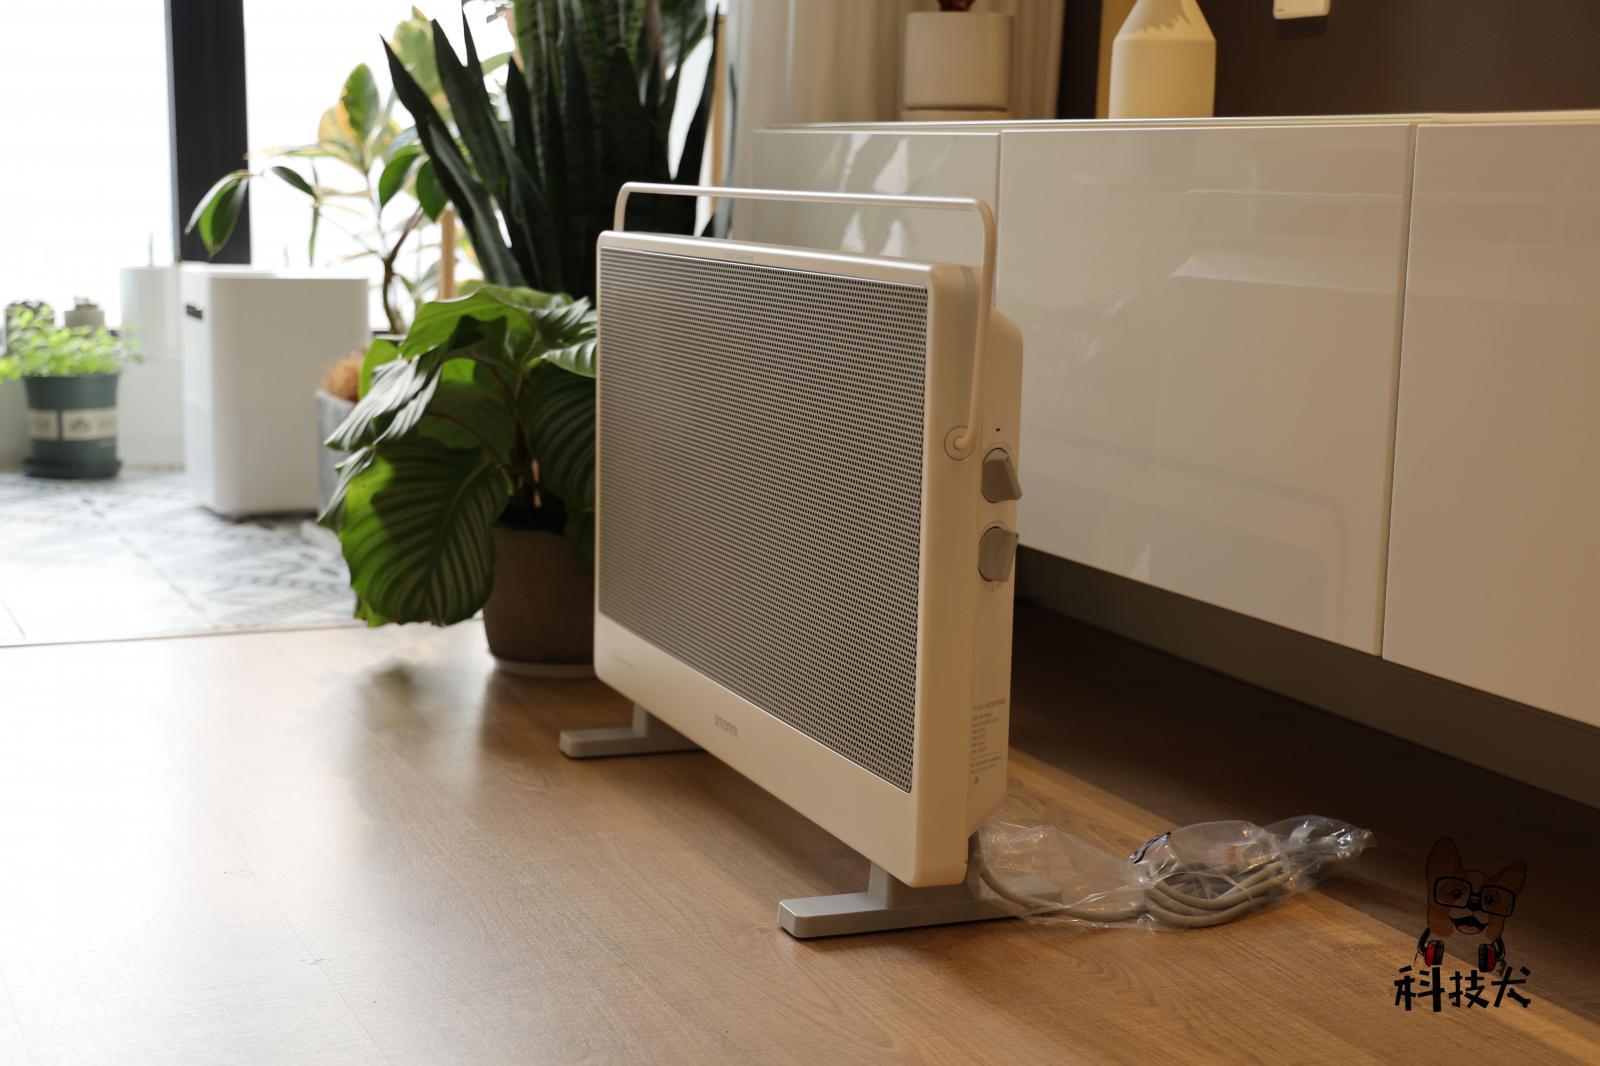 智米石墨烯电暖器评测:满足临时取暖需求 南方人每个冬天都用它